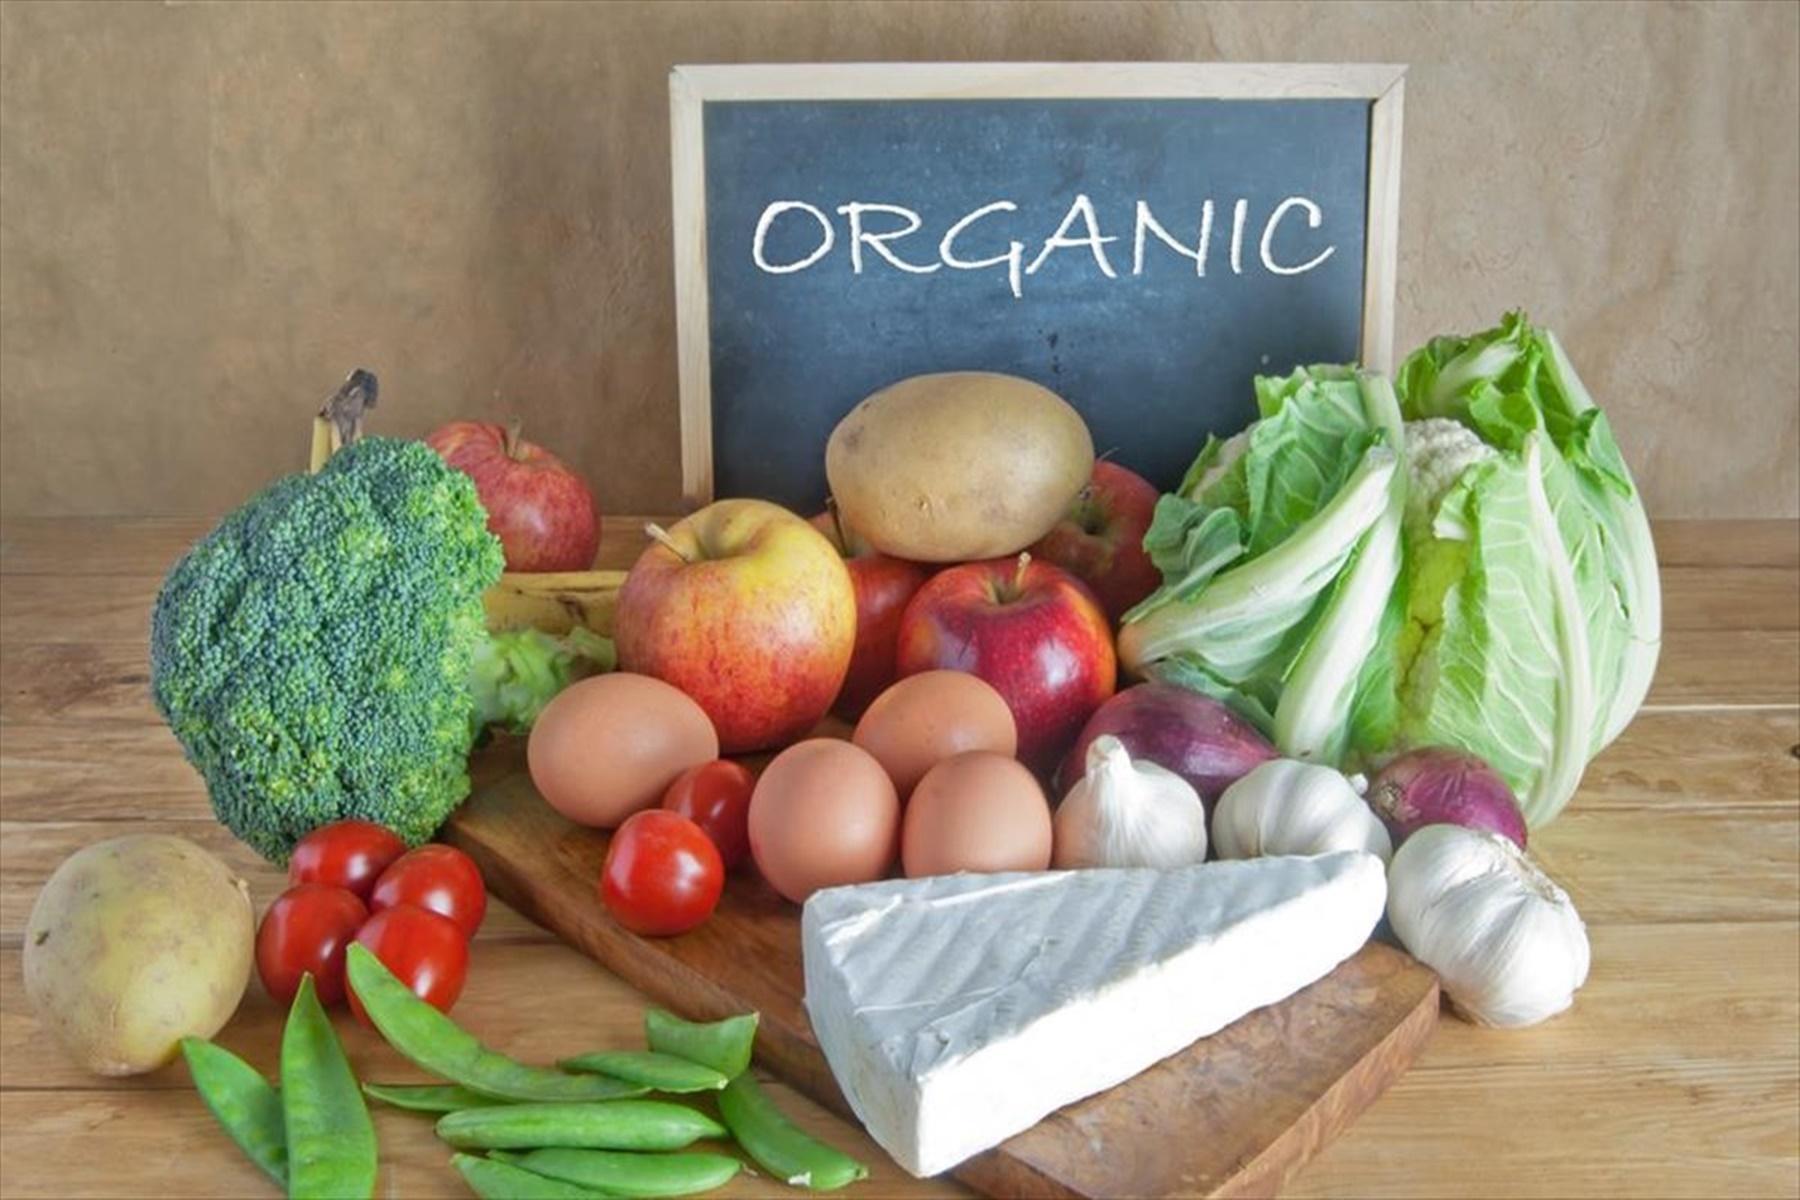 Βιολογικά τρόφιμα : Δείτε γιατί είναι καλύτερα από τα μη βιολογικά